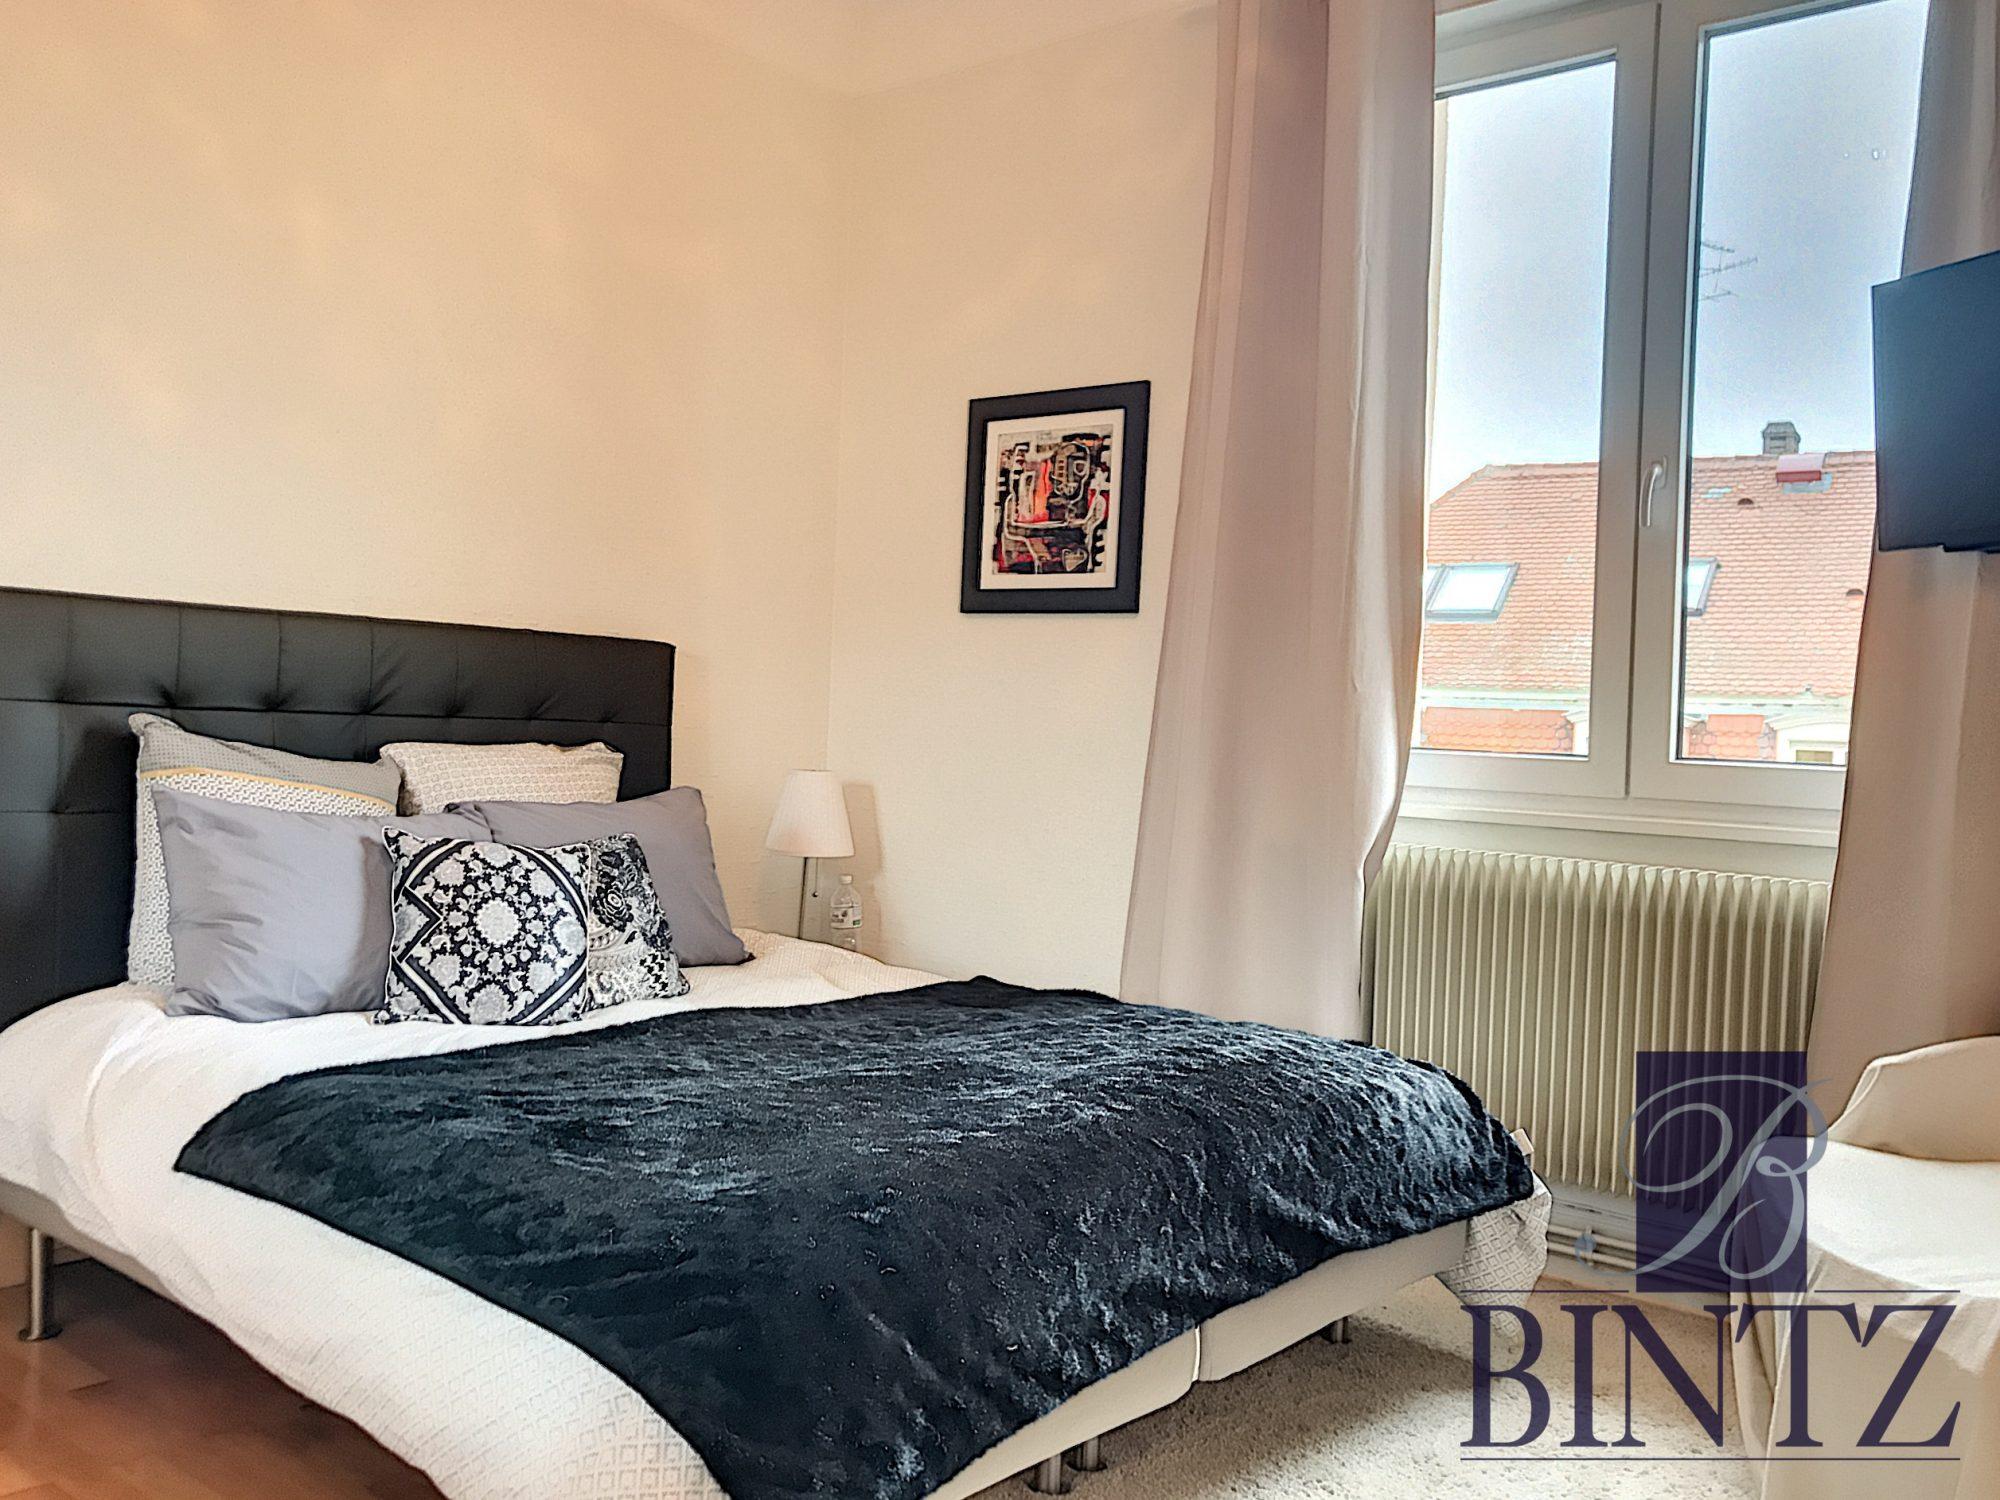 Très beau 8 pièces à l'Orangerie - Devenez locataire en toute sérénité - Bintz Immobilier - 6